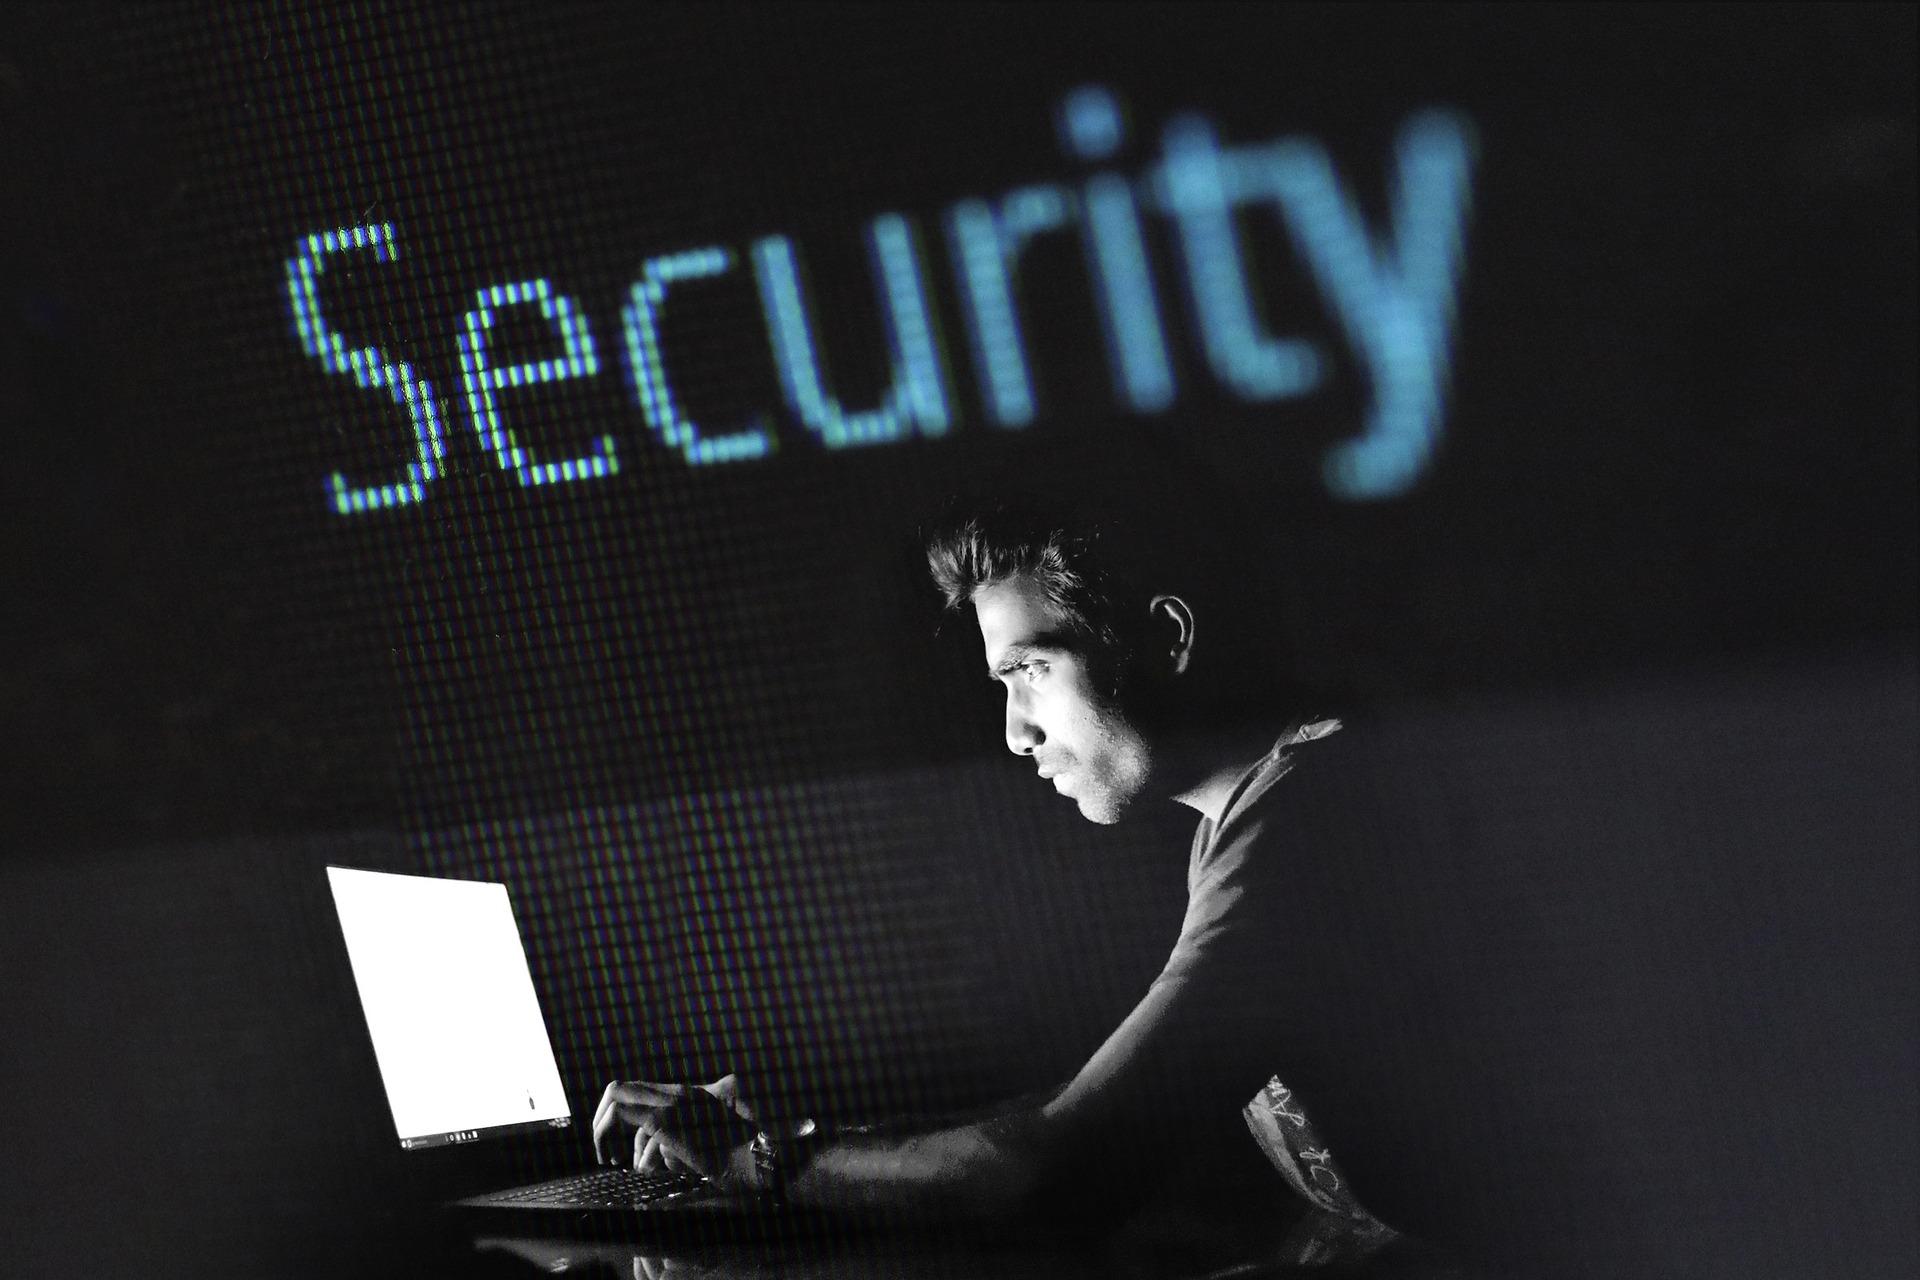 SEGURIDAD. Los computadores en casa, generalmente, son compartidos y esto incrementa el riesgo de que algún miembro pueda descargar un malware al dispositivo por desconocimiento